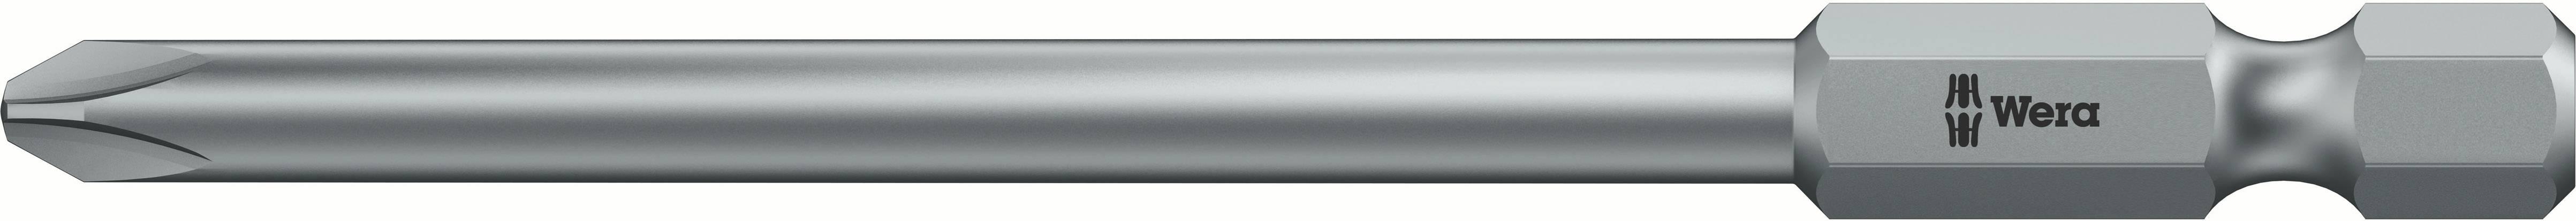 Predĺžený krížový bit Wera 851/4 Z PH 1 x 89 mm;4.5 mm 05059760001, nástrojová oceľ, 1 ks